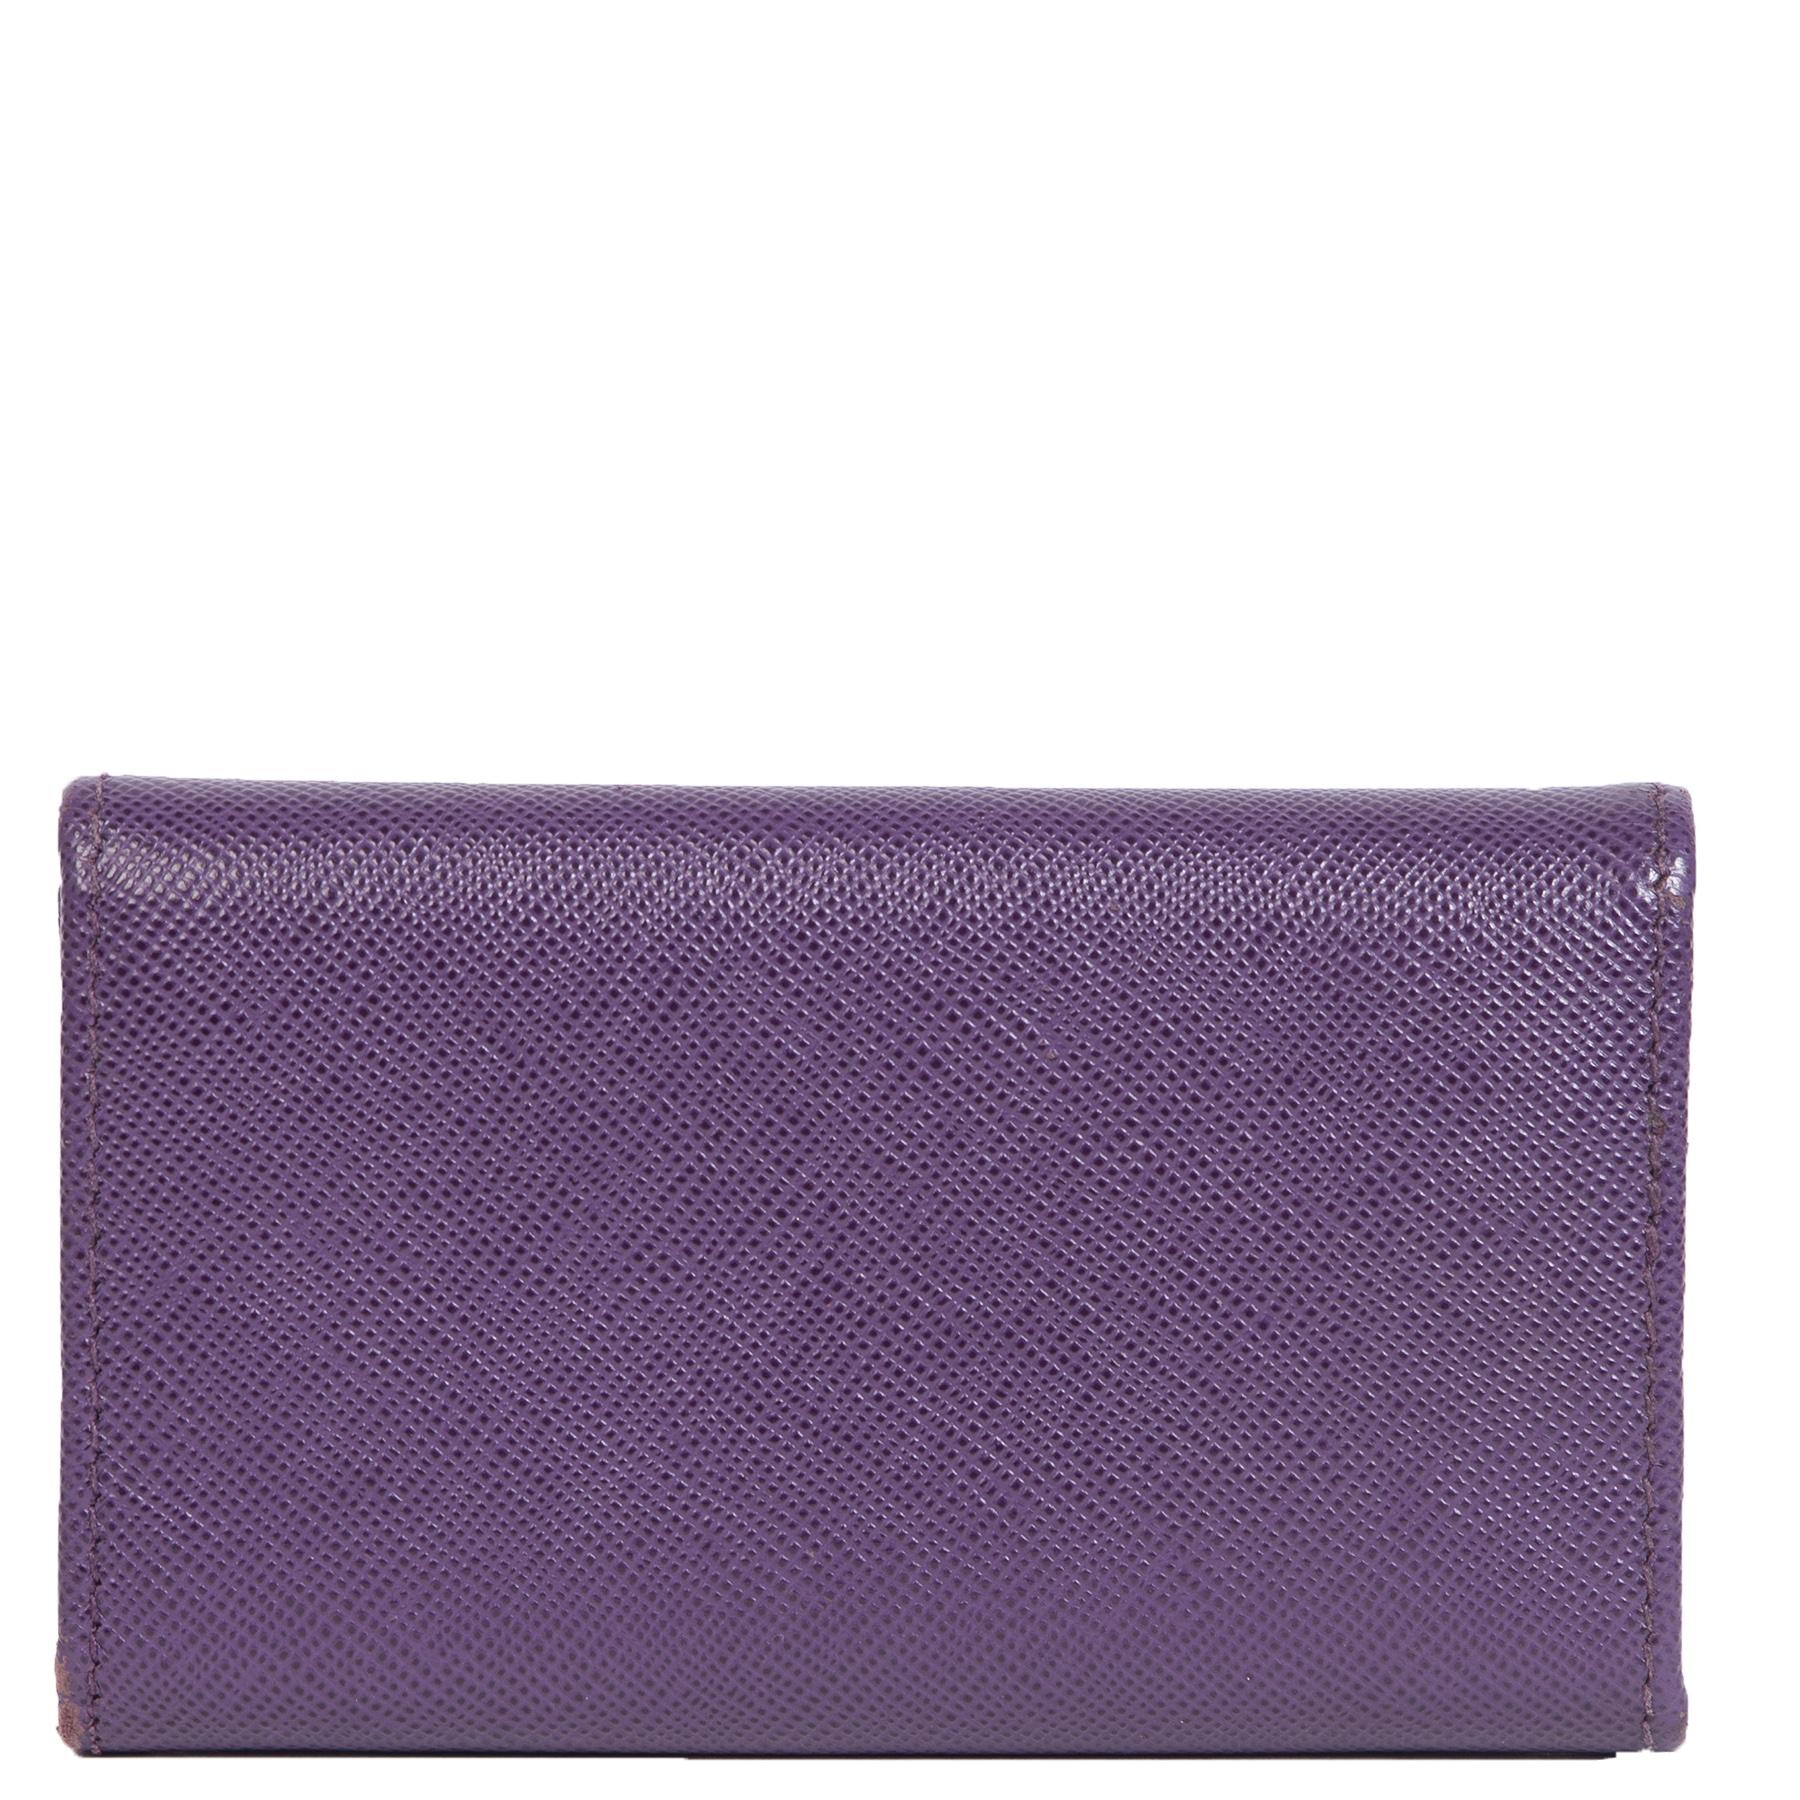 Authentieke Tweedehands Prada Purple Saffiano Leather Six Key Holder juiste prijs veilig online shoppen luxe merken webshop winkelen Antwerpen België mode fashion